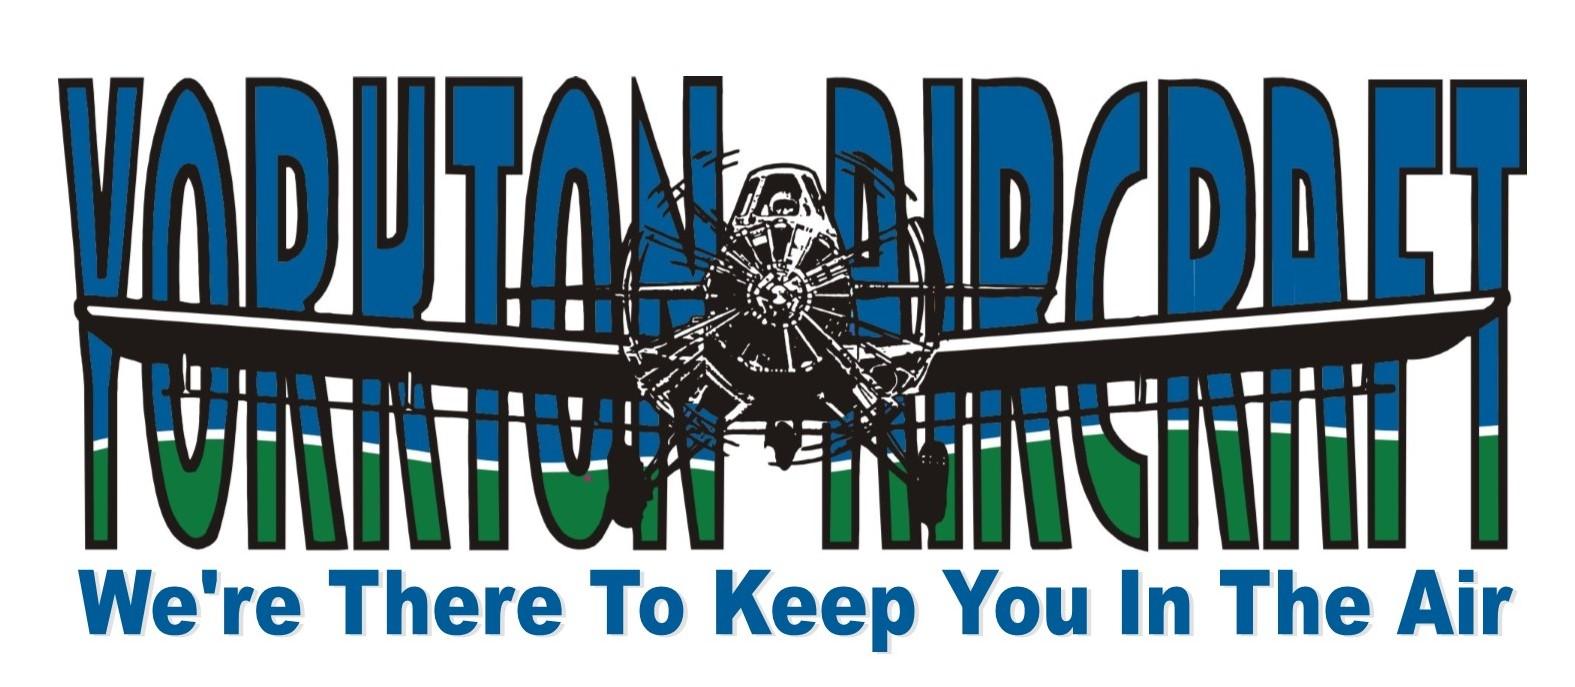 Yorkton Aircraft Service